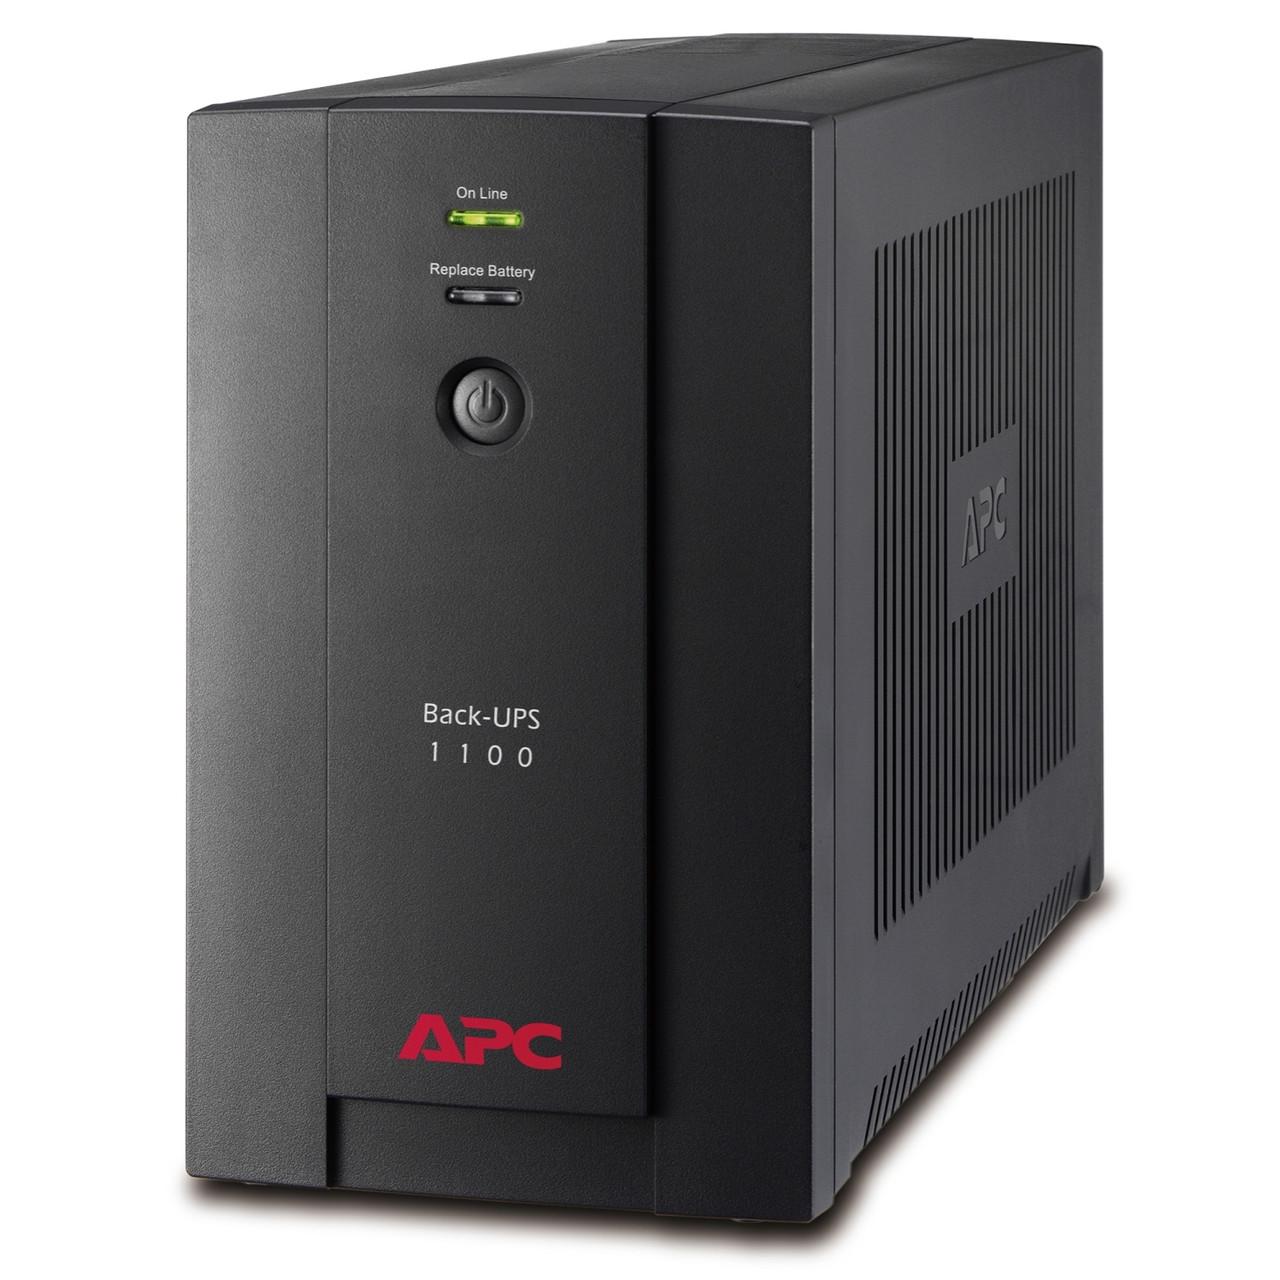 APC BX1100LI ИБП  Back-UPS 1100 ВА/550Ватт, 230 В, авторегулировка напряжения, розетки IEC